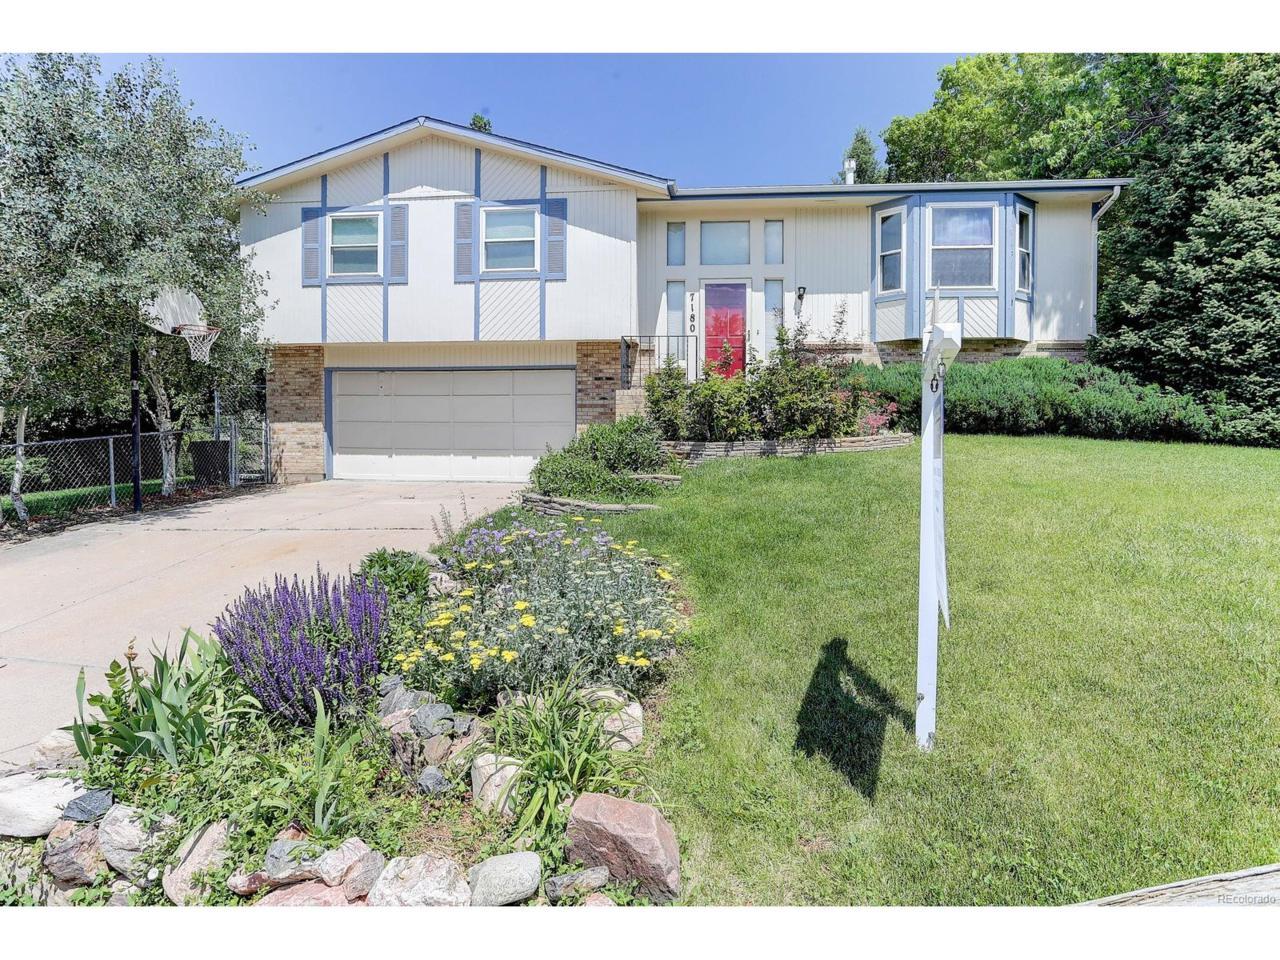 7180 S Yarrow Street, Littleton, CO 80128 (MLS #9326712) :: 8z Real Estate